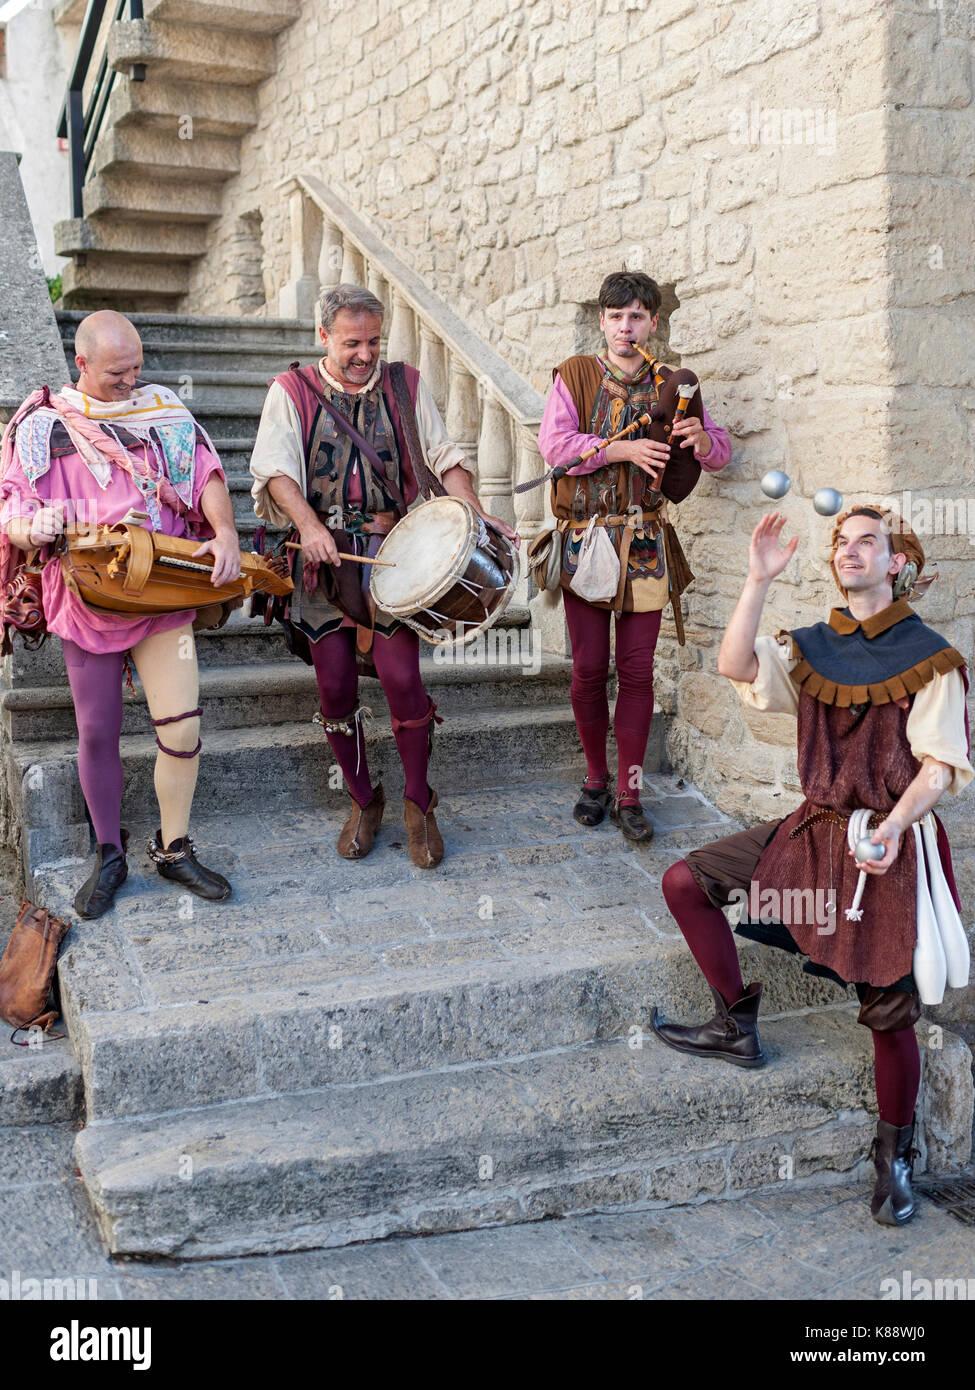 Marinis San habillés et d'effectuer dans des tenues pendant la période de Festival Médiéval annuel tenu à San Marino. Banque D'Images